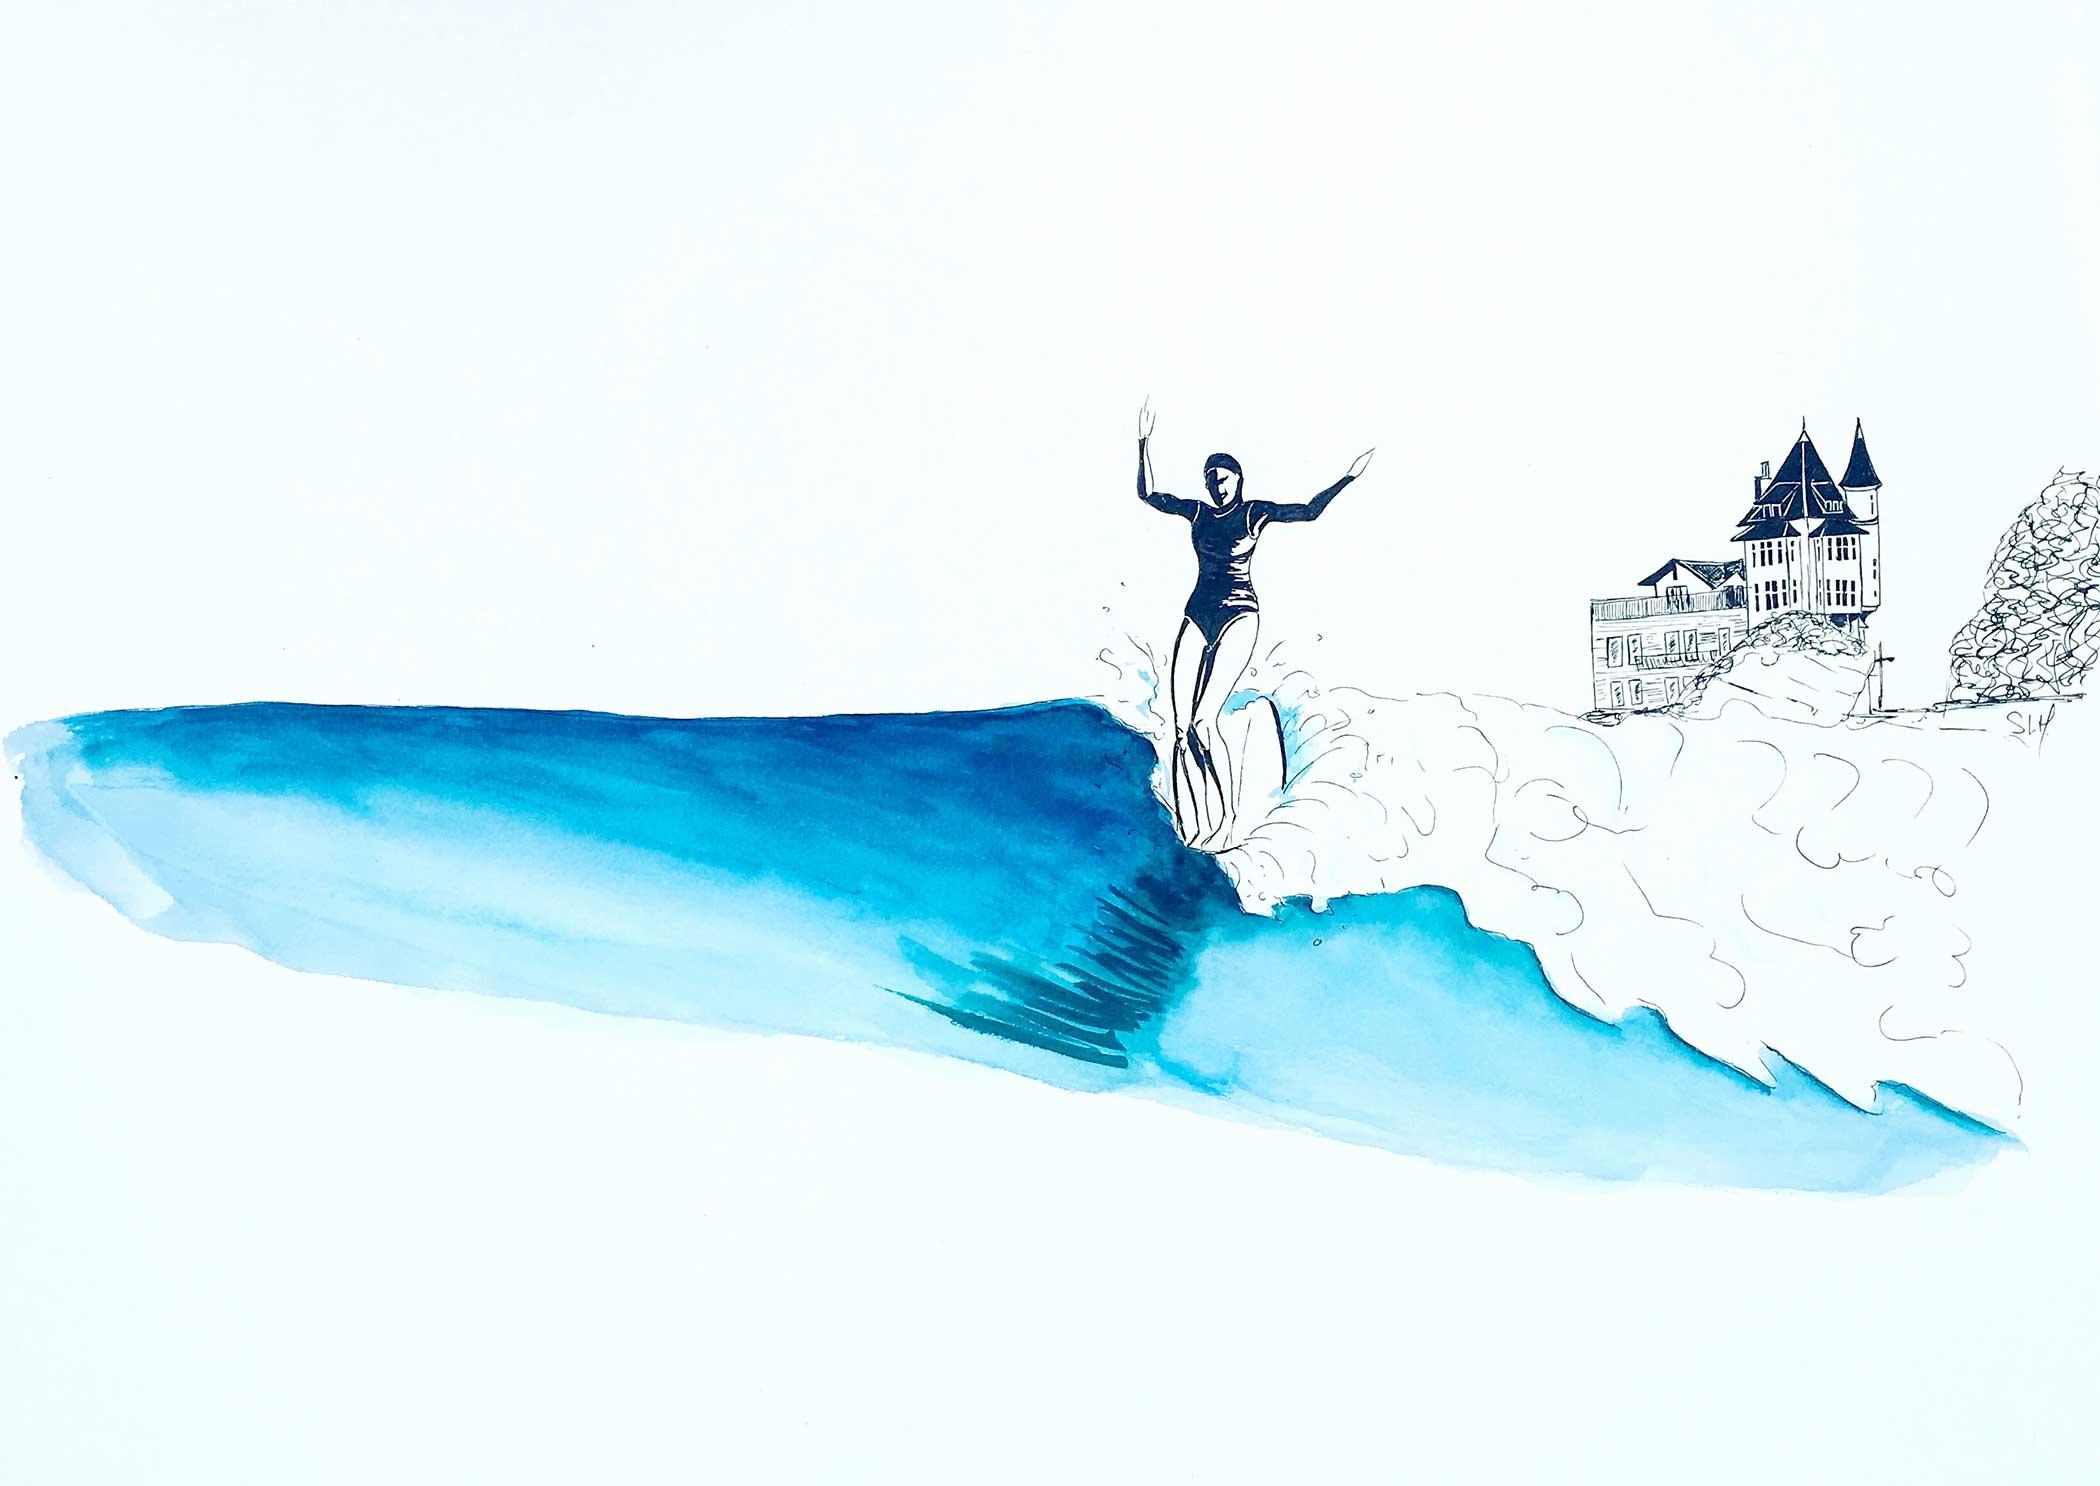 Summer in Biarritz Encre et Aquarelle sur papier 50cm x 65cm 2018